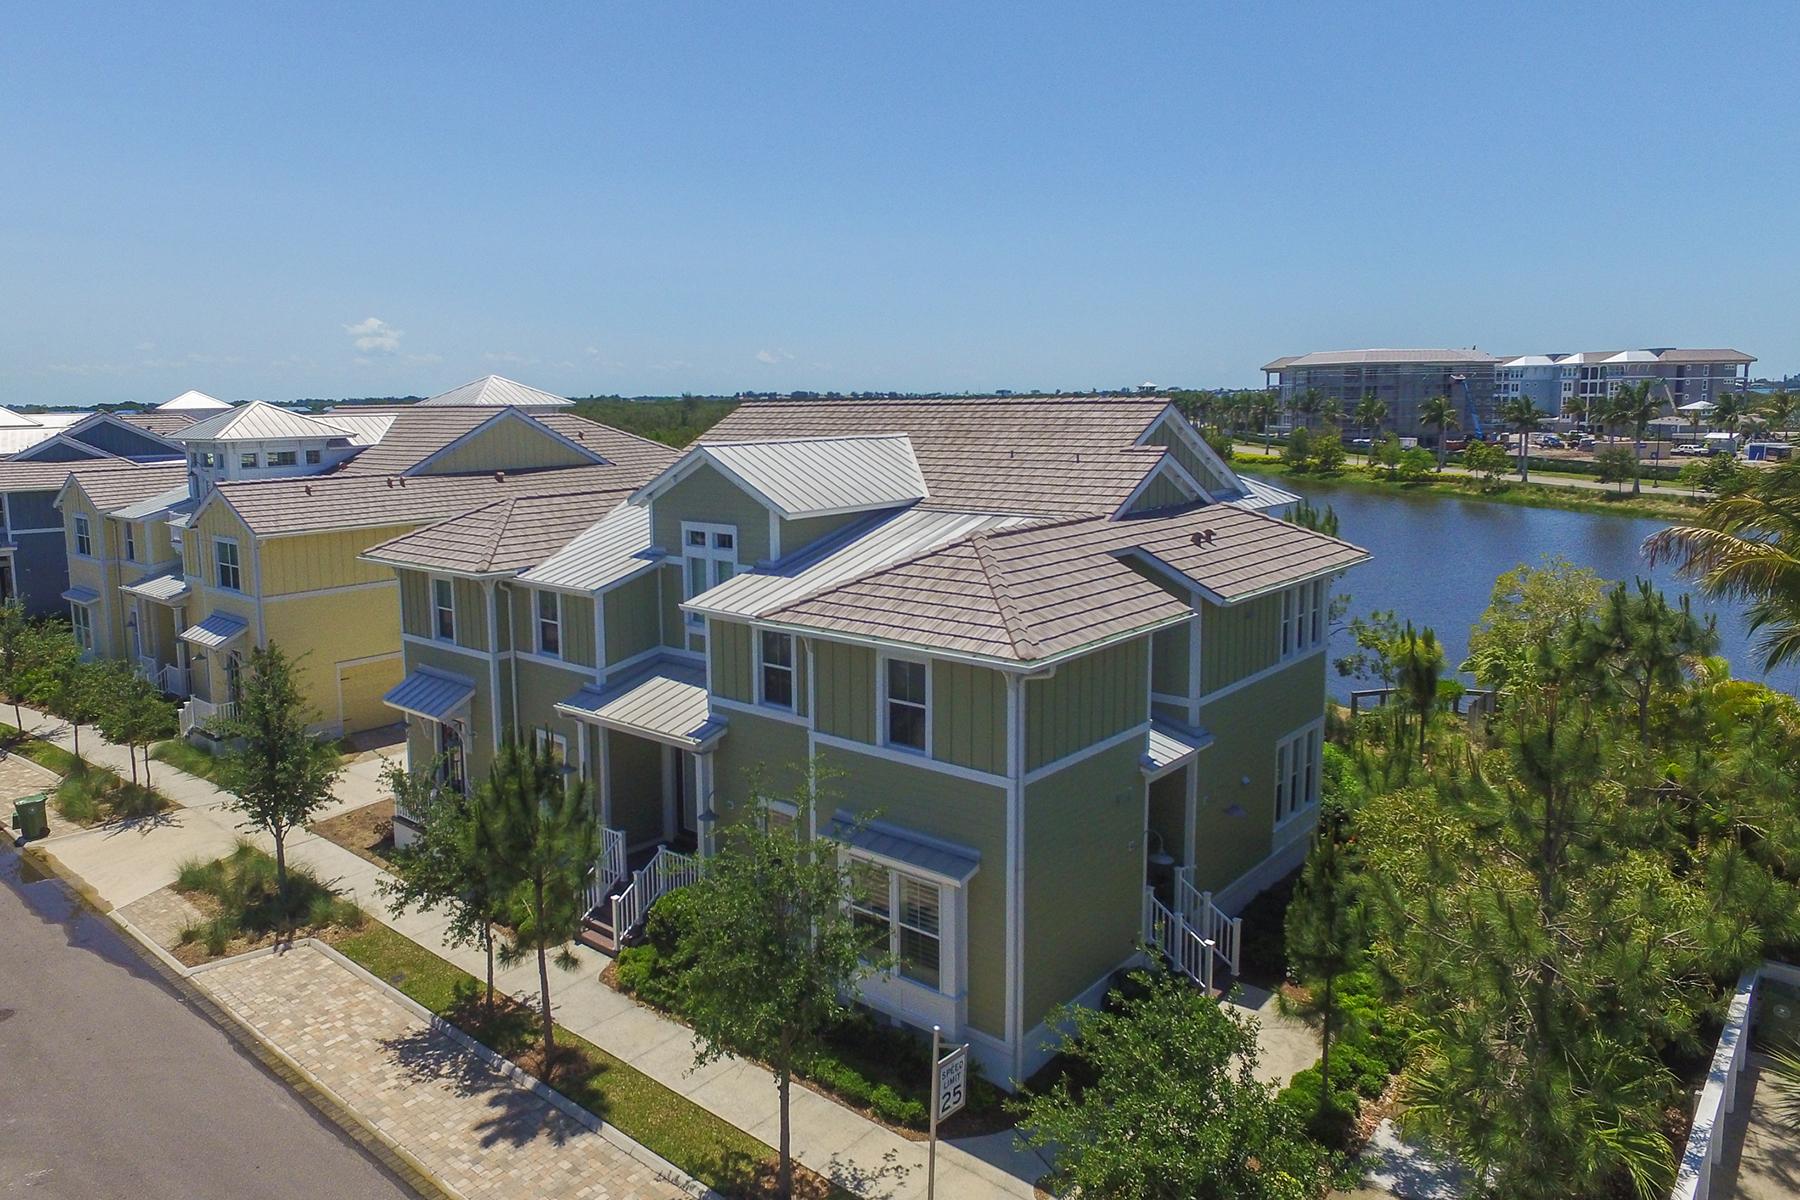 共管物業 為 出售 在 HARBOUR ISLES 336 Sapphire Lake Dr 101 Bradenton, 佛羅里達州, 34209 美國